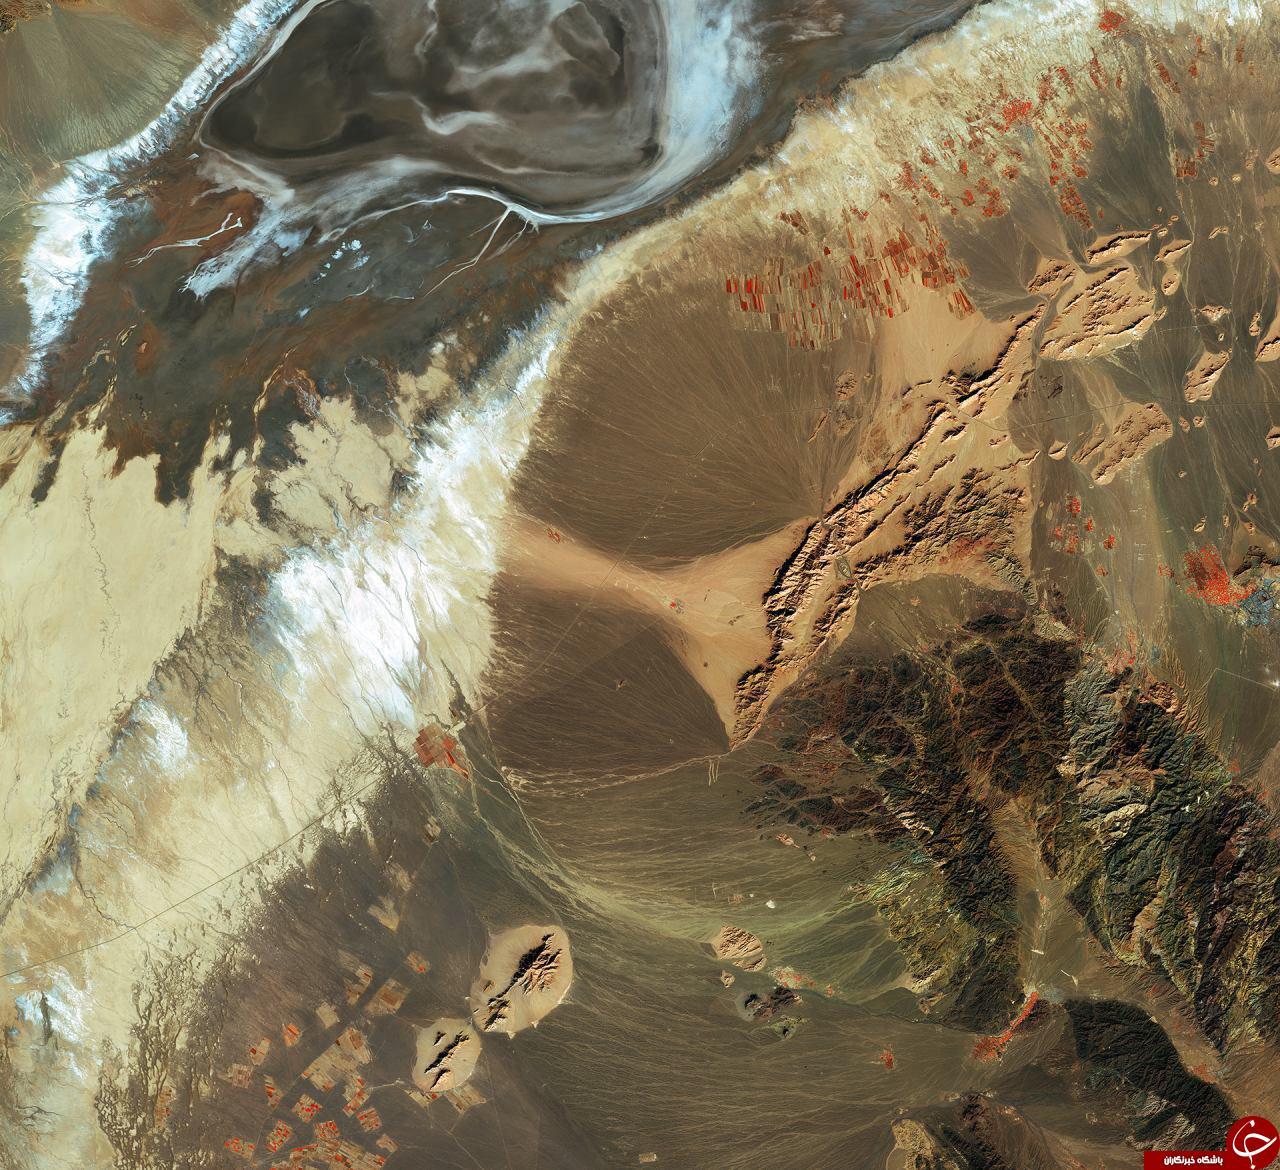 تصویر ماهواره از ایران توسط سازمان فضایی اروپا